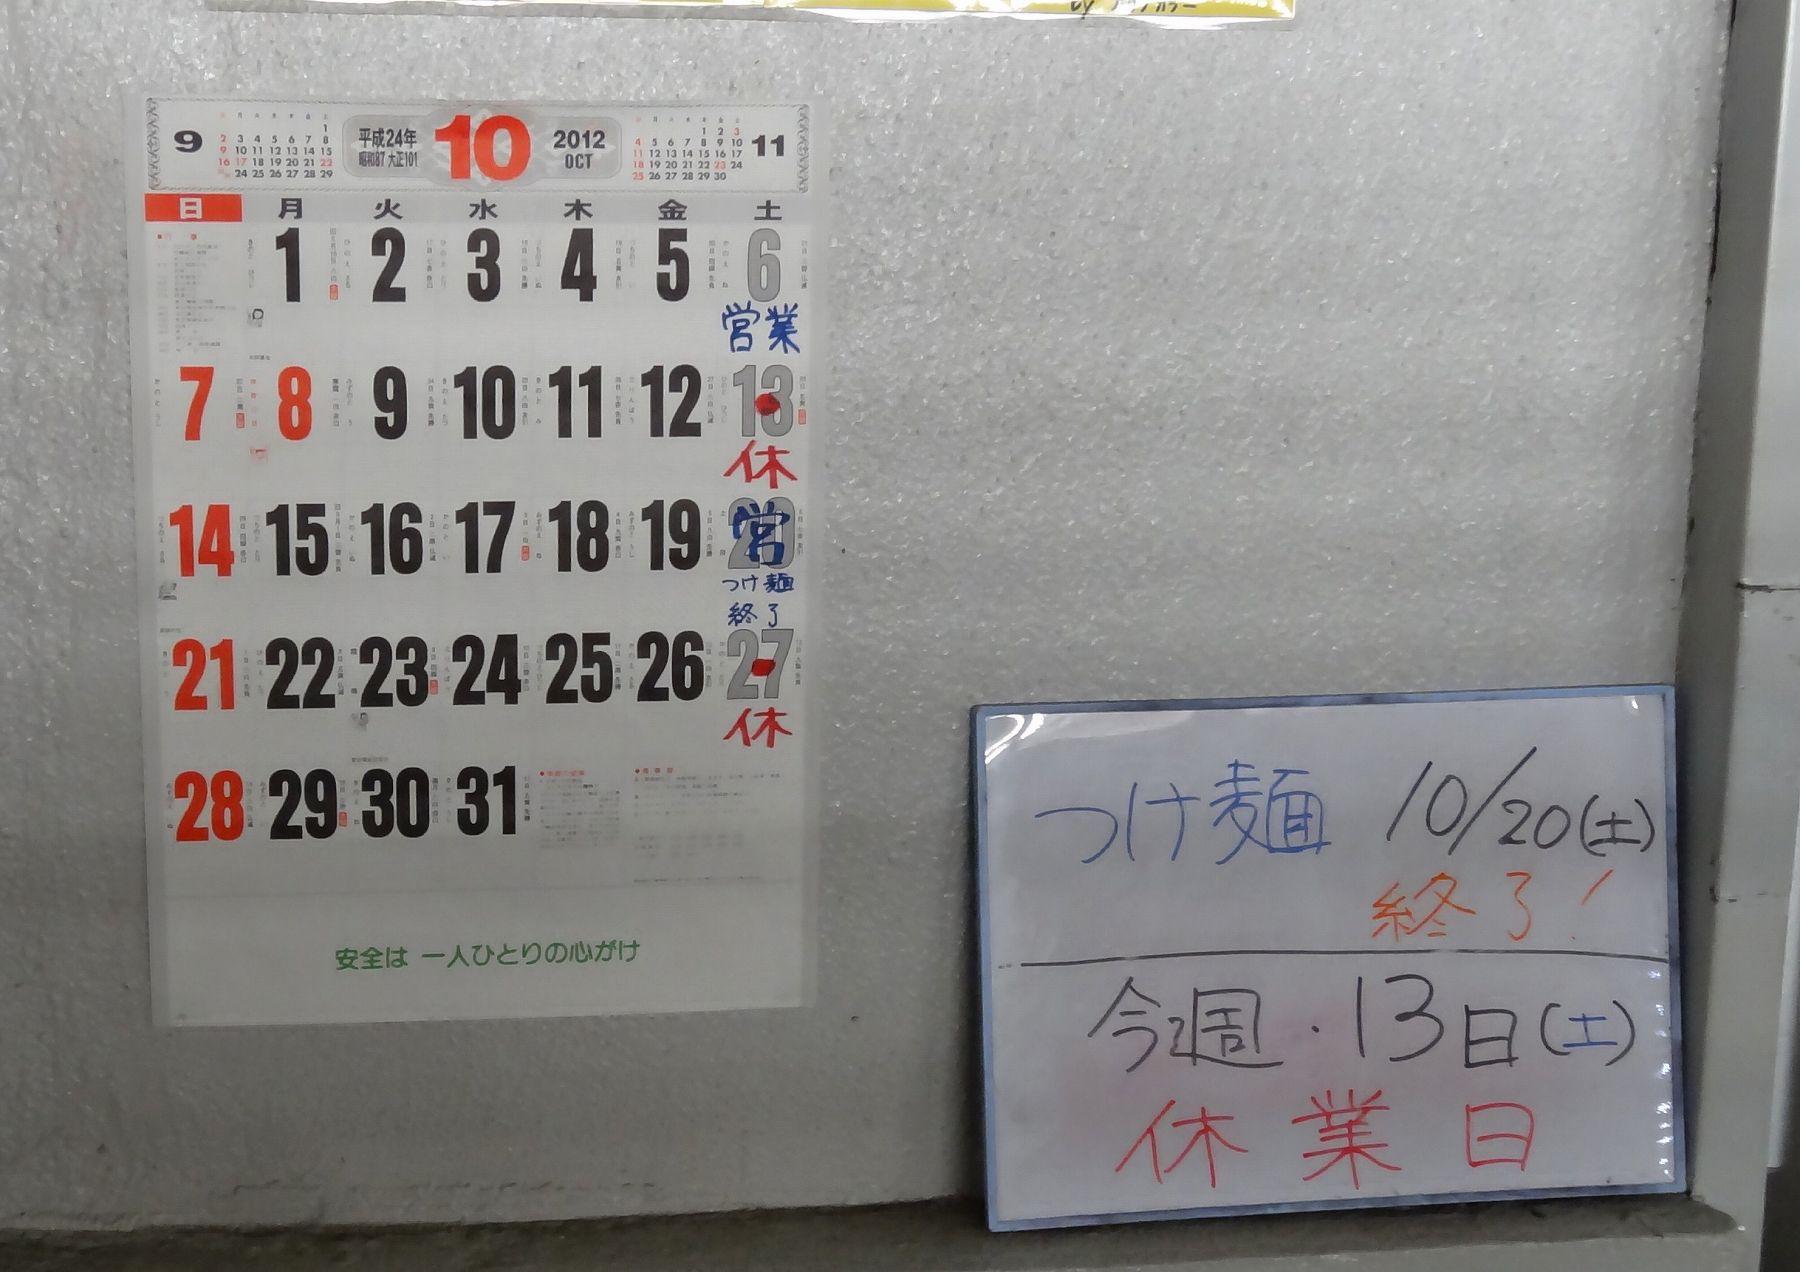 20121010005nishidai.jpg